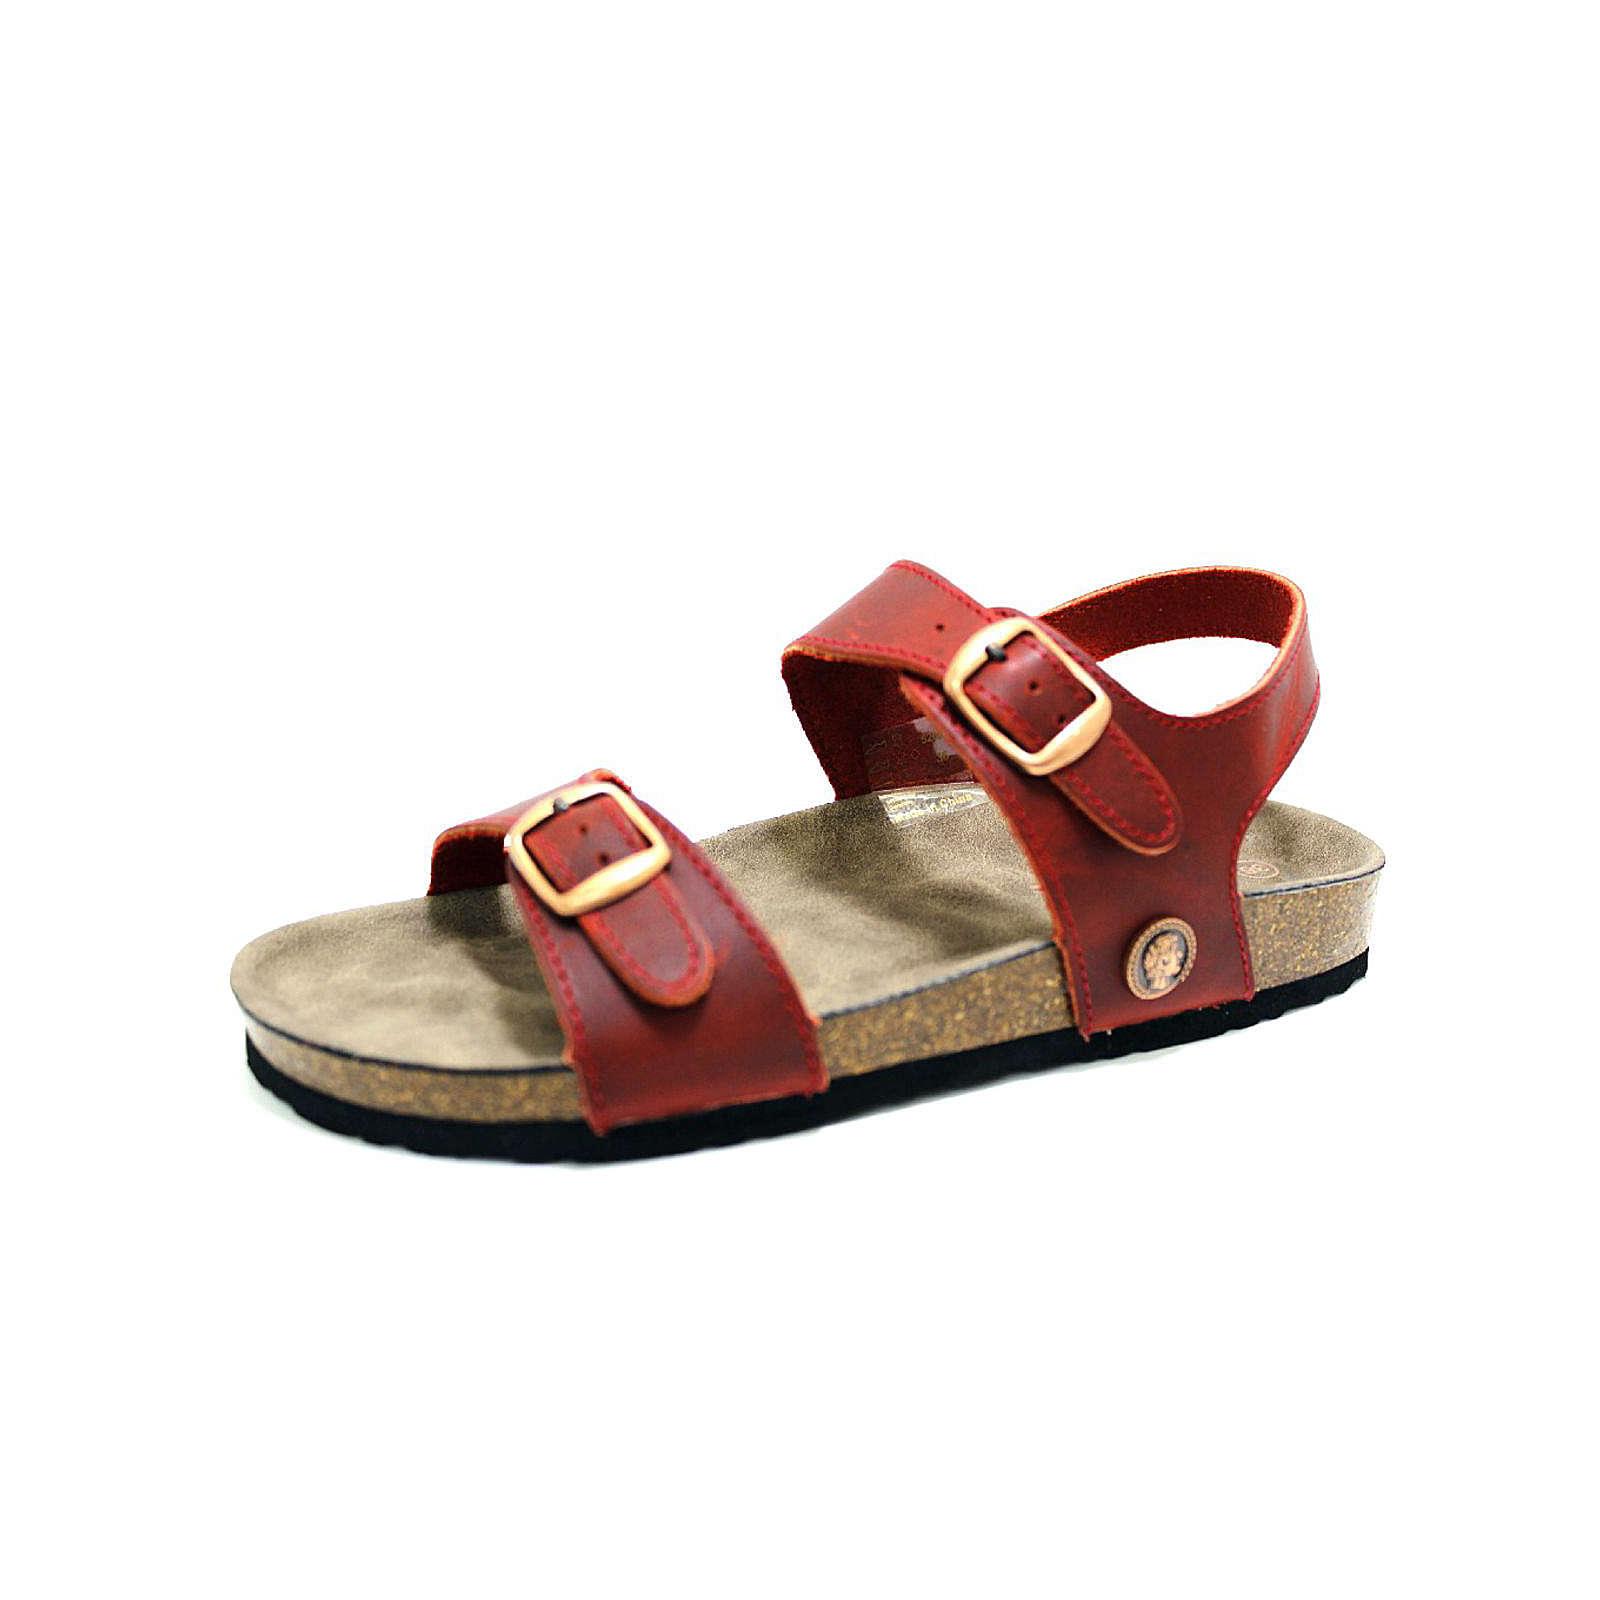 ROMIKA Komfort-Sandalen rot Damen Gr. 38